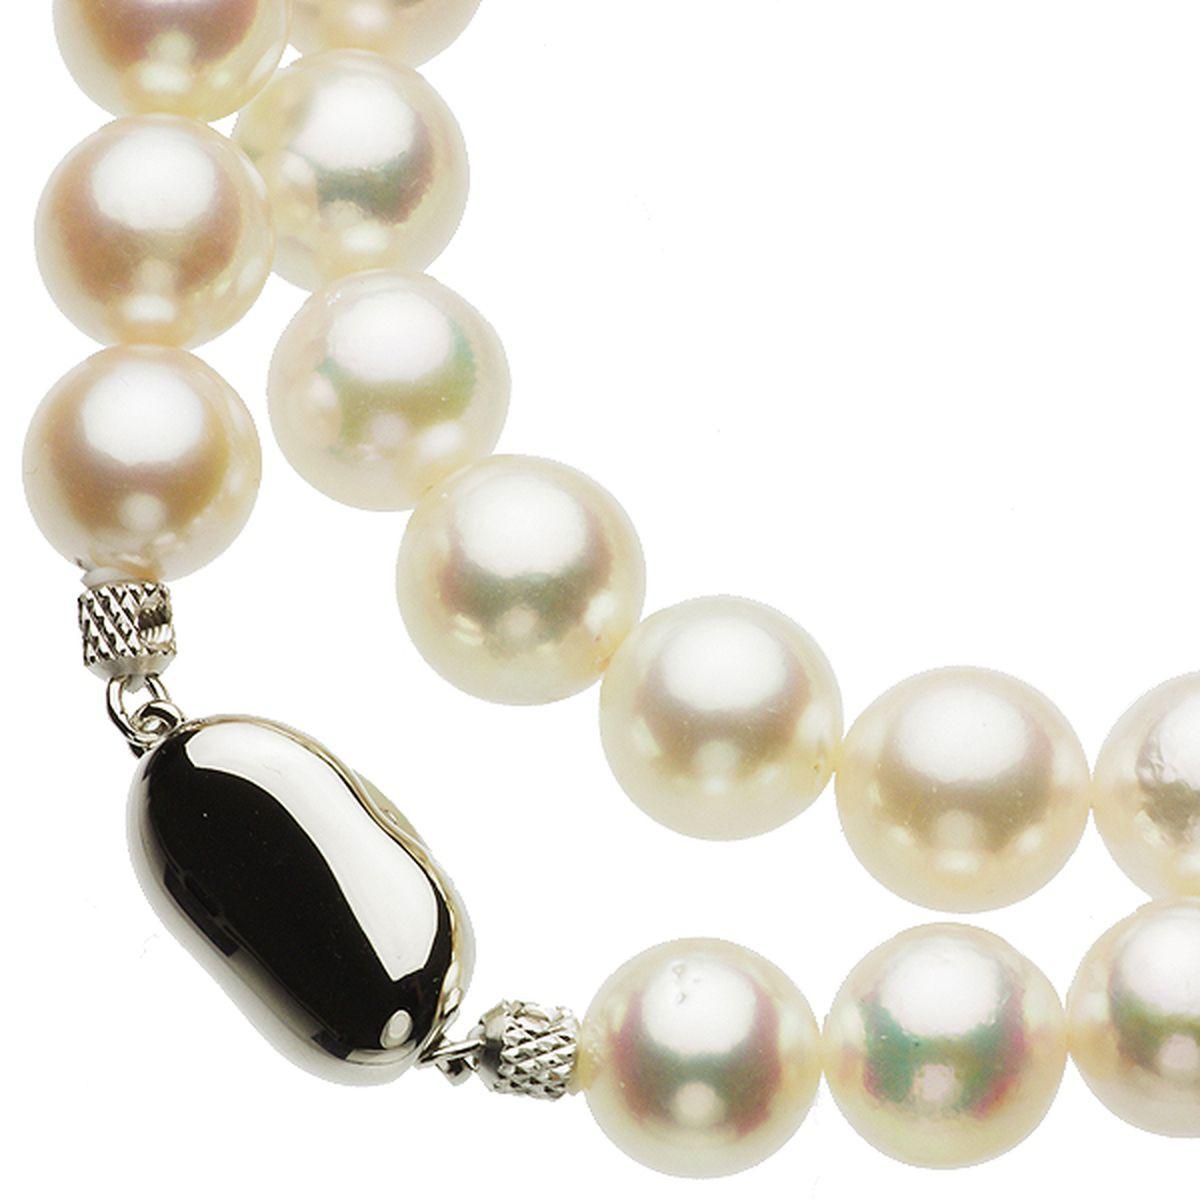 アコヤ真珠フォーマルネックレス 約9.0-9.5mmの写真